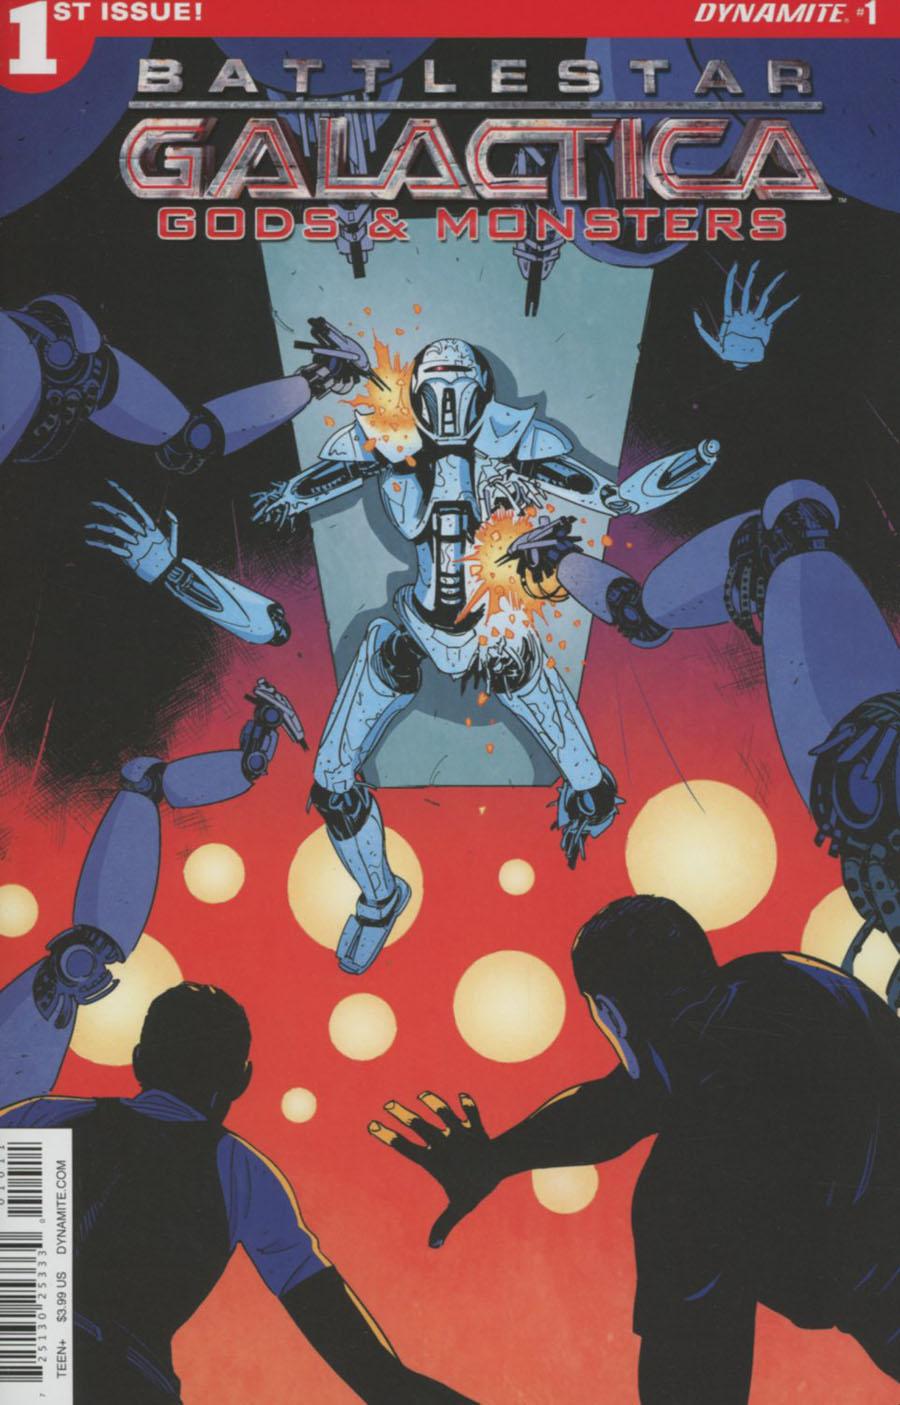 Battlestar Galactica Gods & Monsters #1 Cover A Regular Alec Morgan Cover